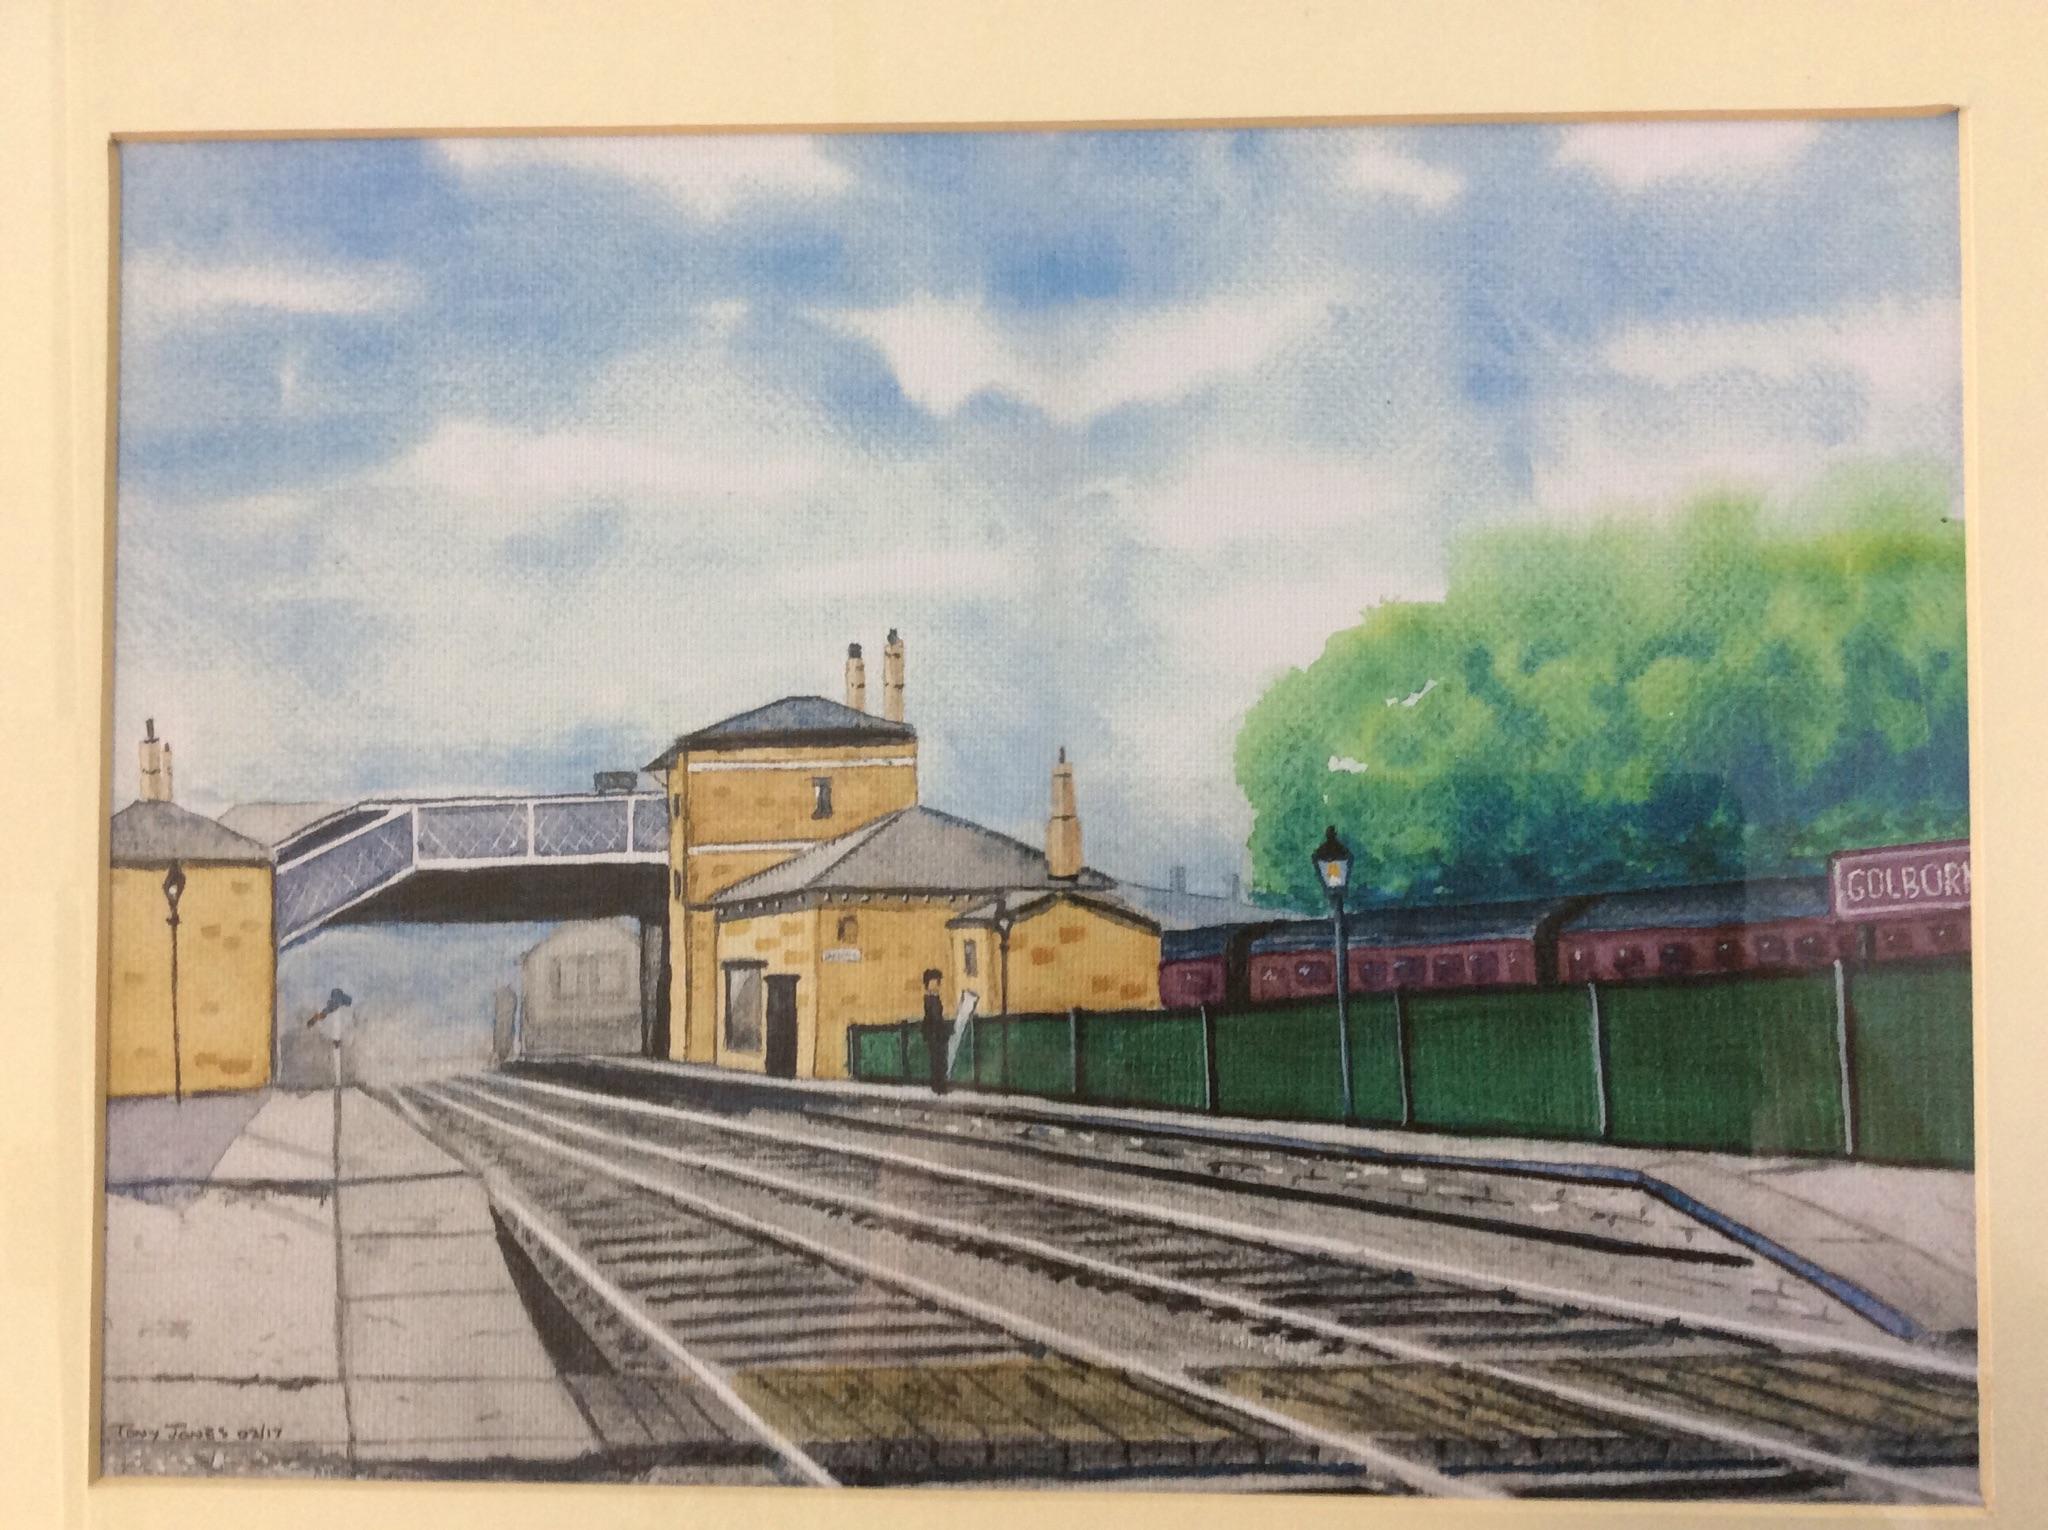 Golborne station tony.jpg